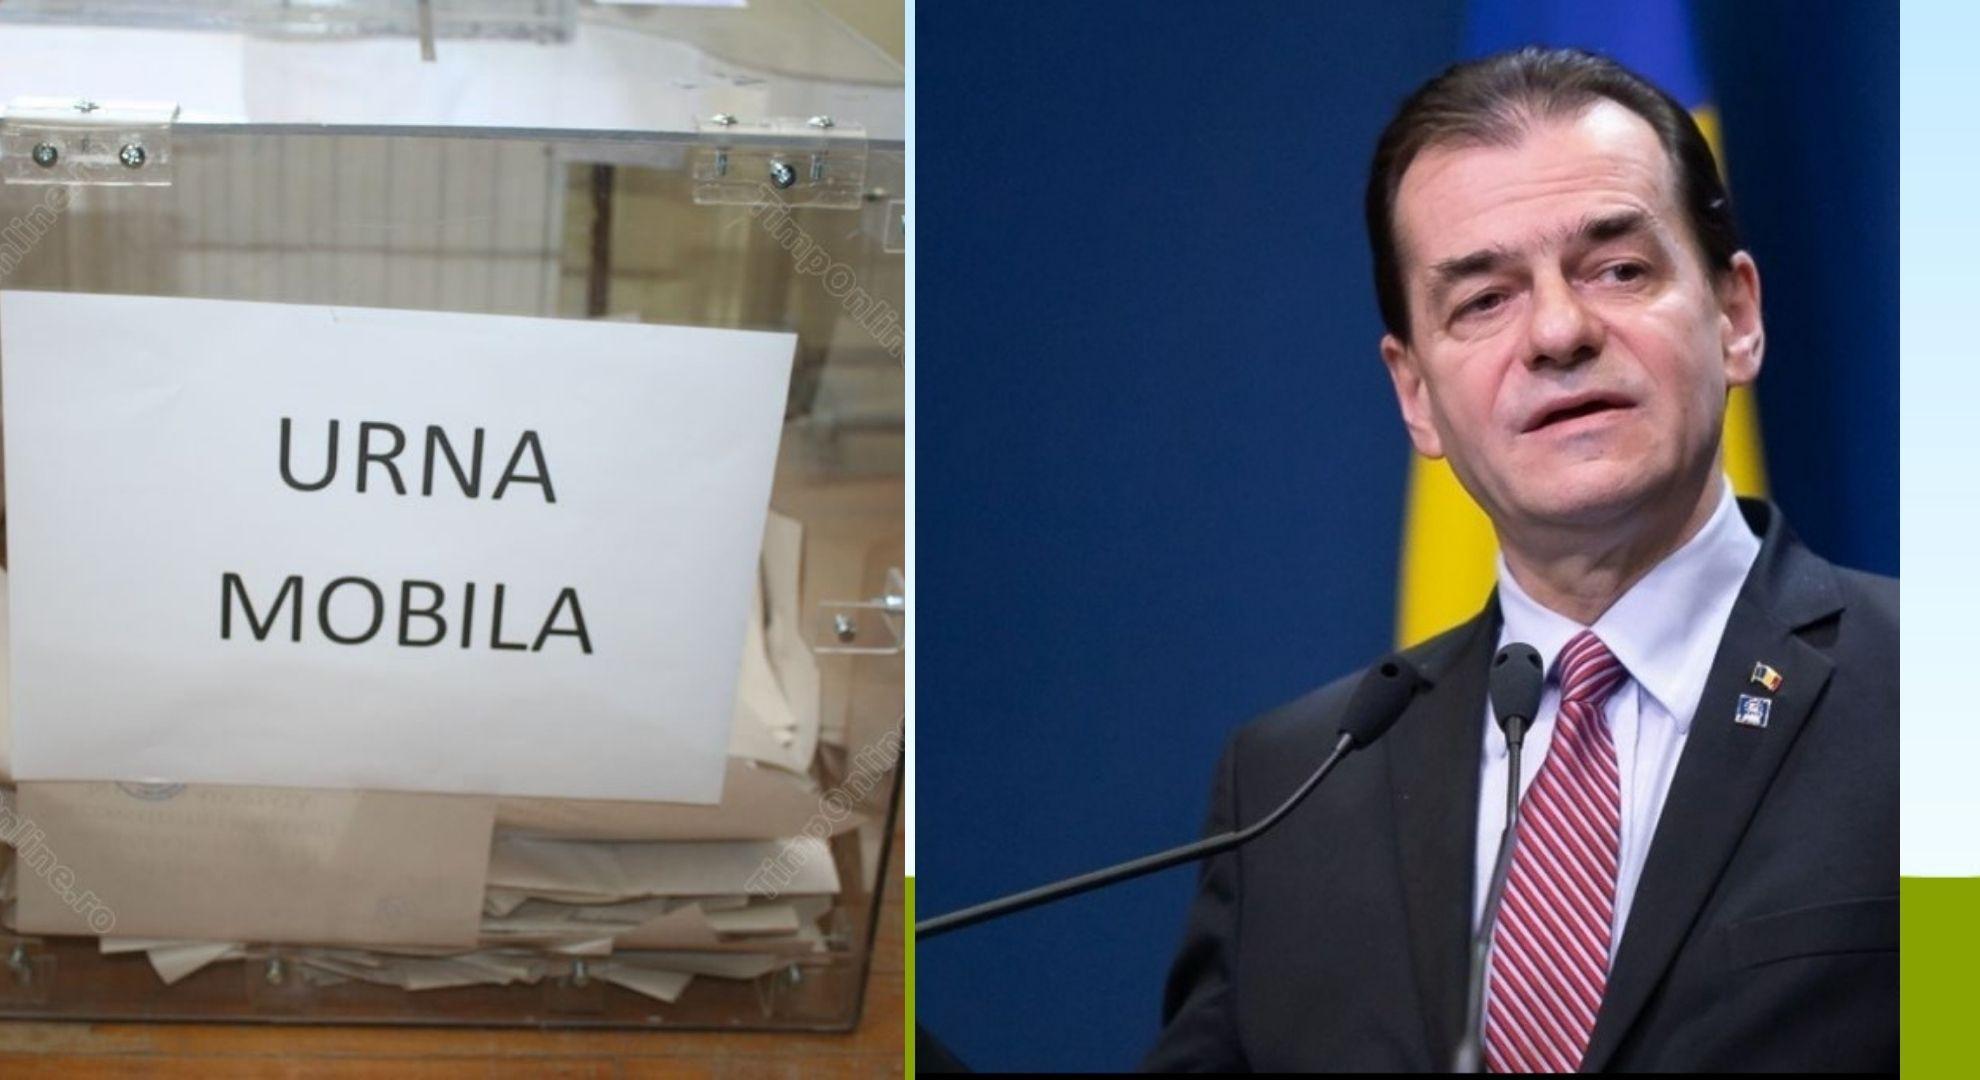 Se apropie alegerile locale. Ludovic Orban a anunțat cine poate să solicite urna mobilă